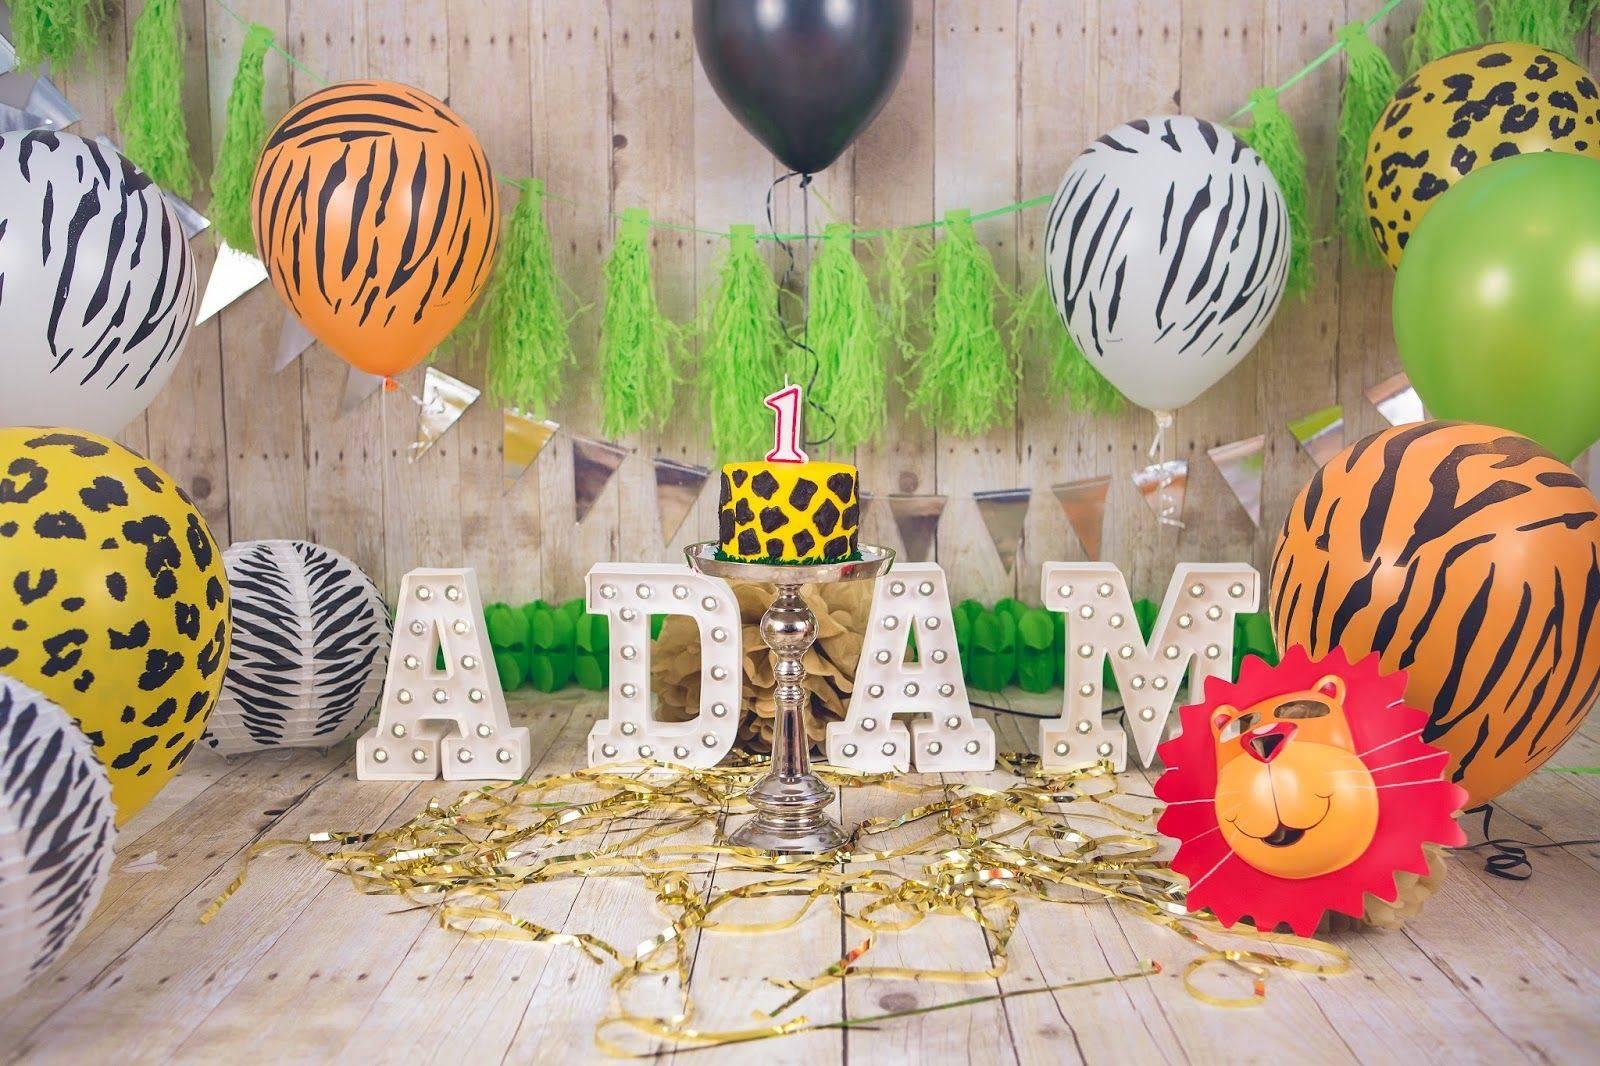 Праздник именин в сафари-клубе (4-8 лет)